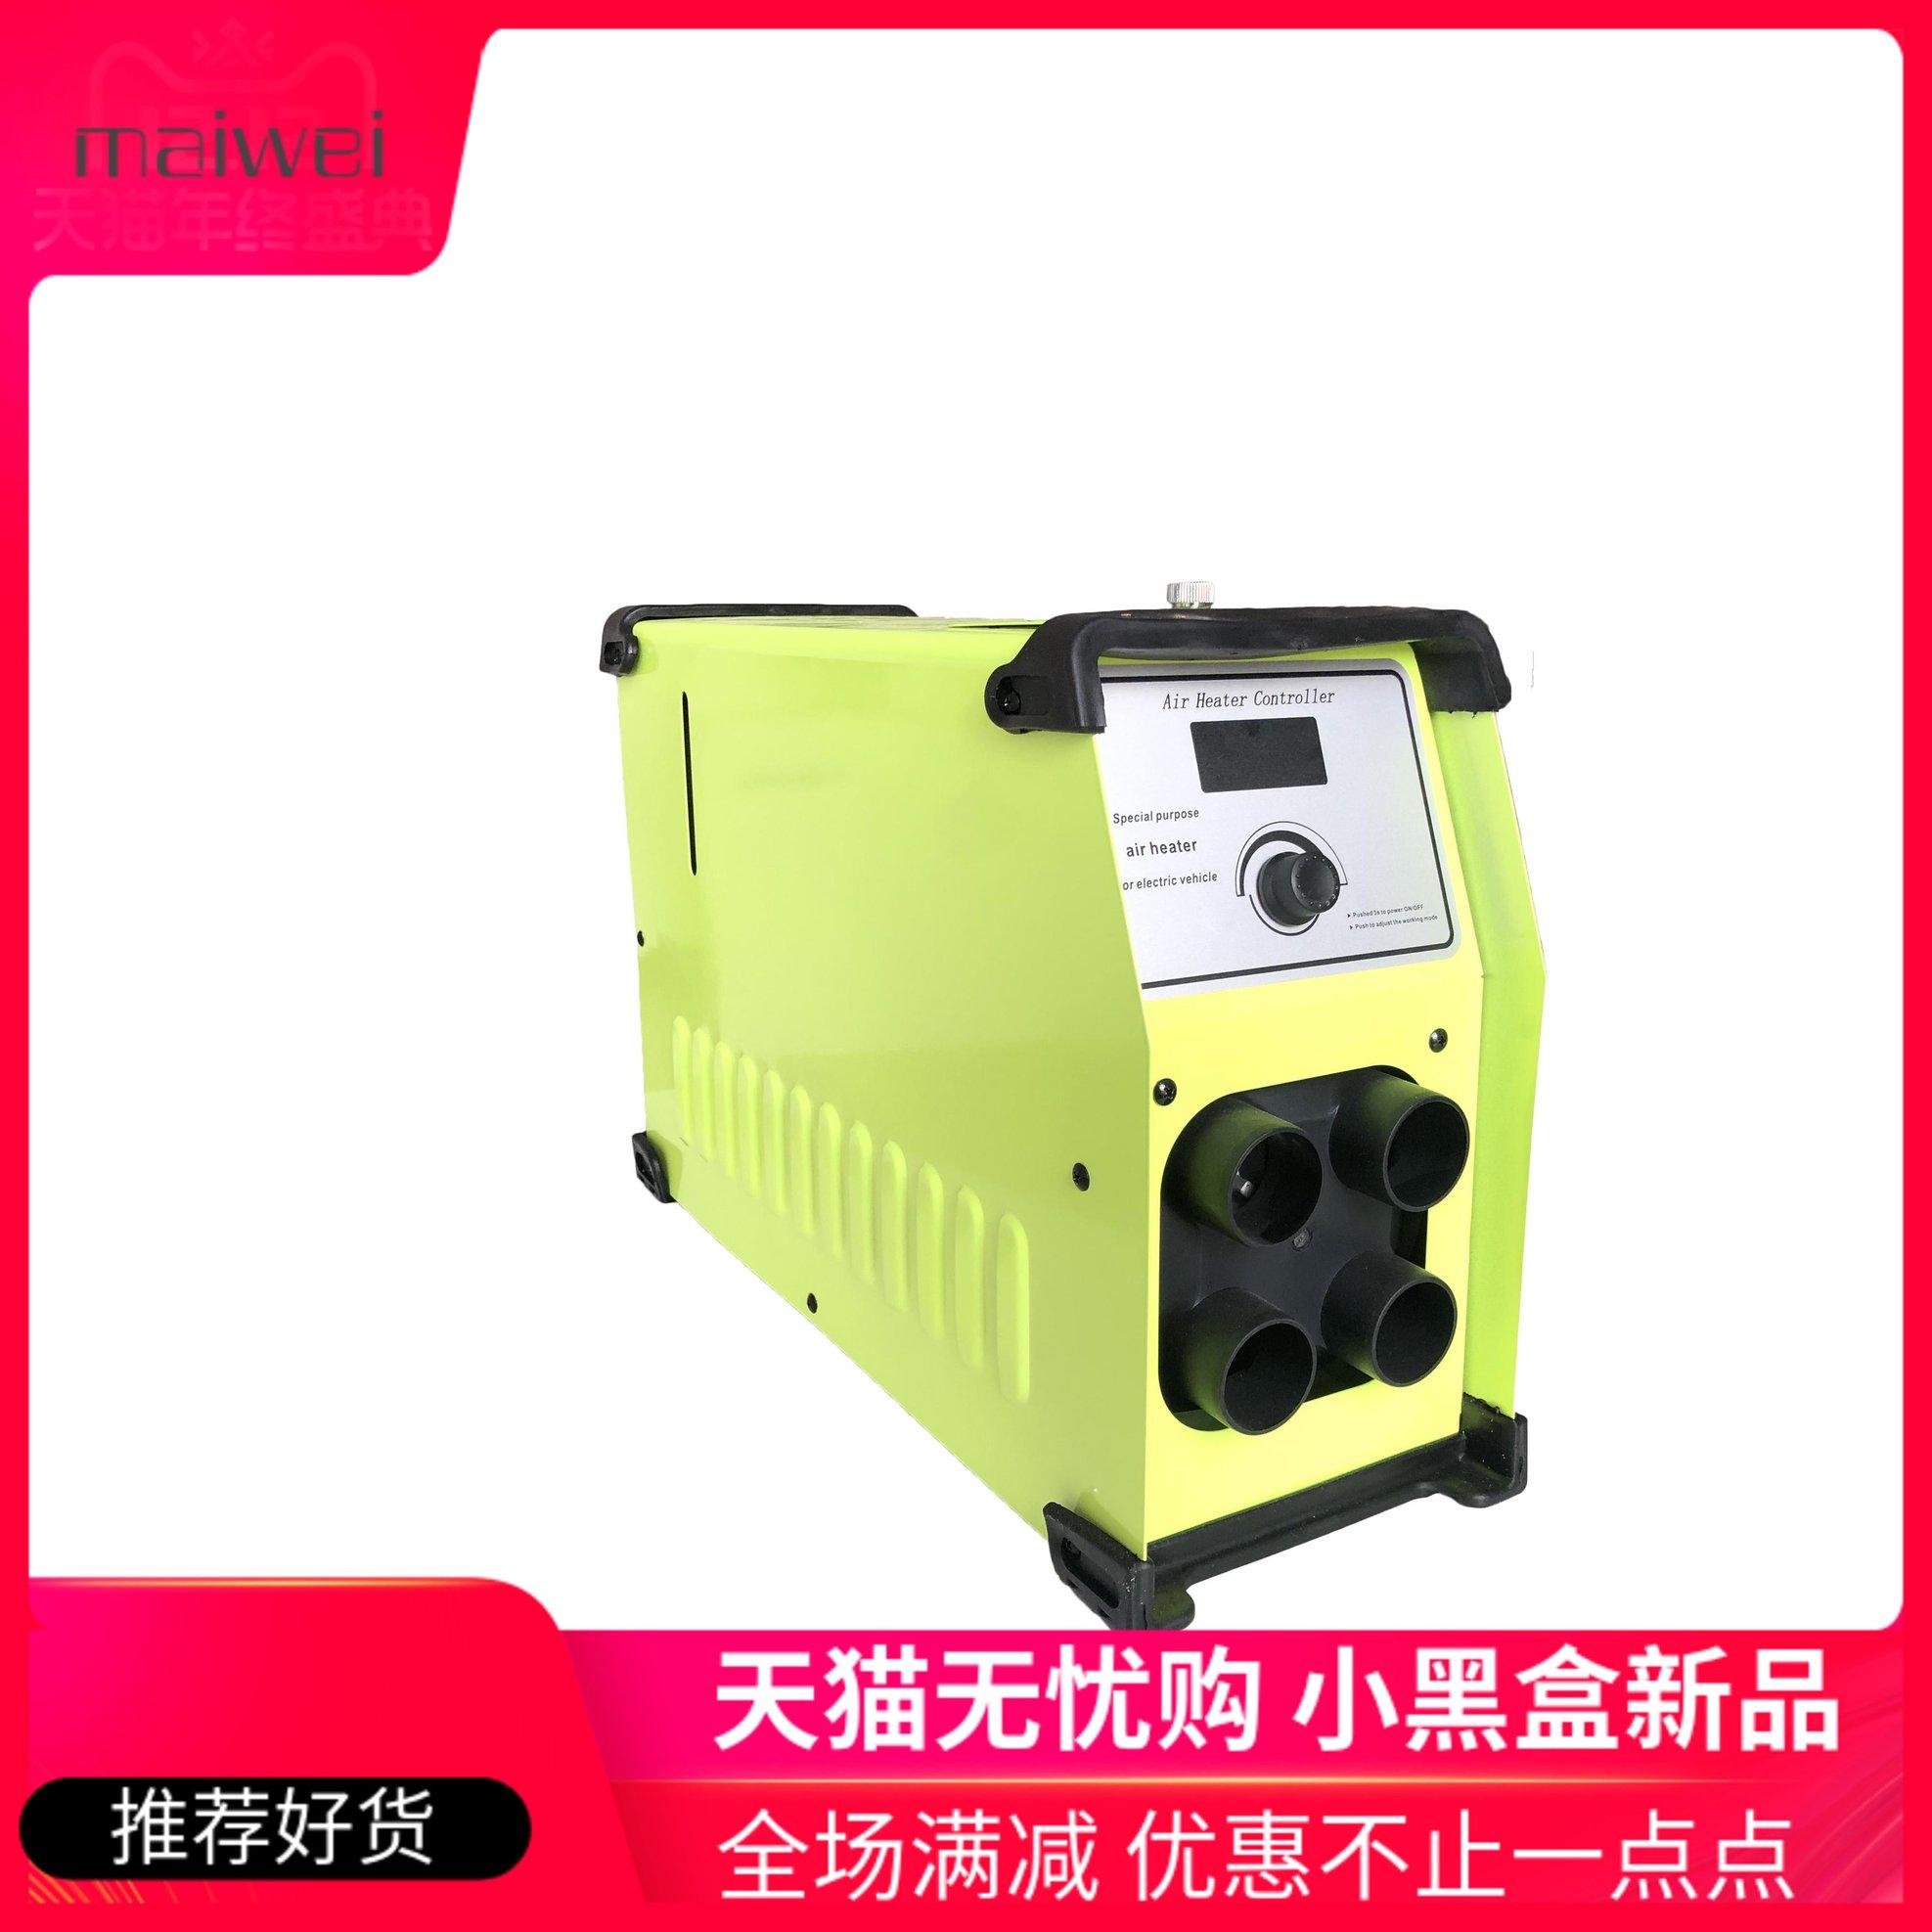 12V24V燃油驻车空气加热器免安装一体机 电动车-暖风机(迈威五金专营店仅售748.5元)